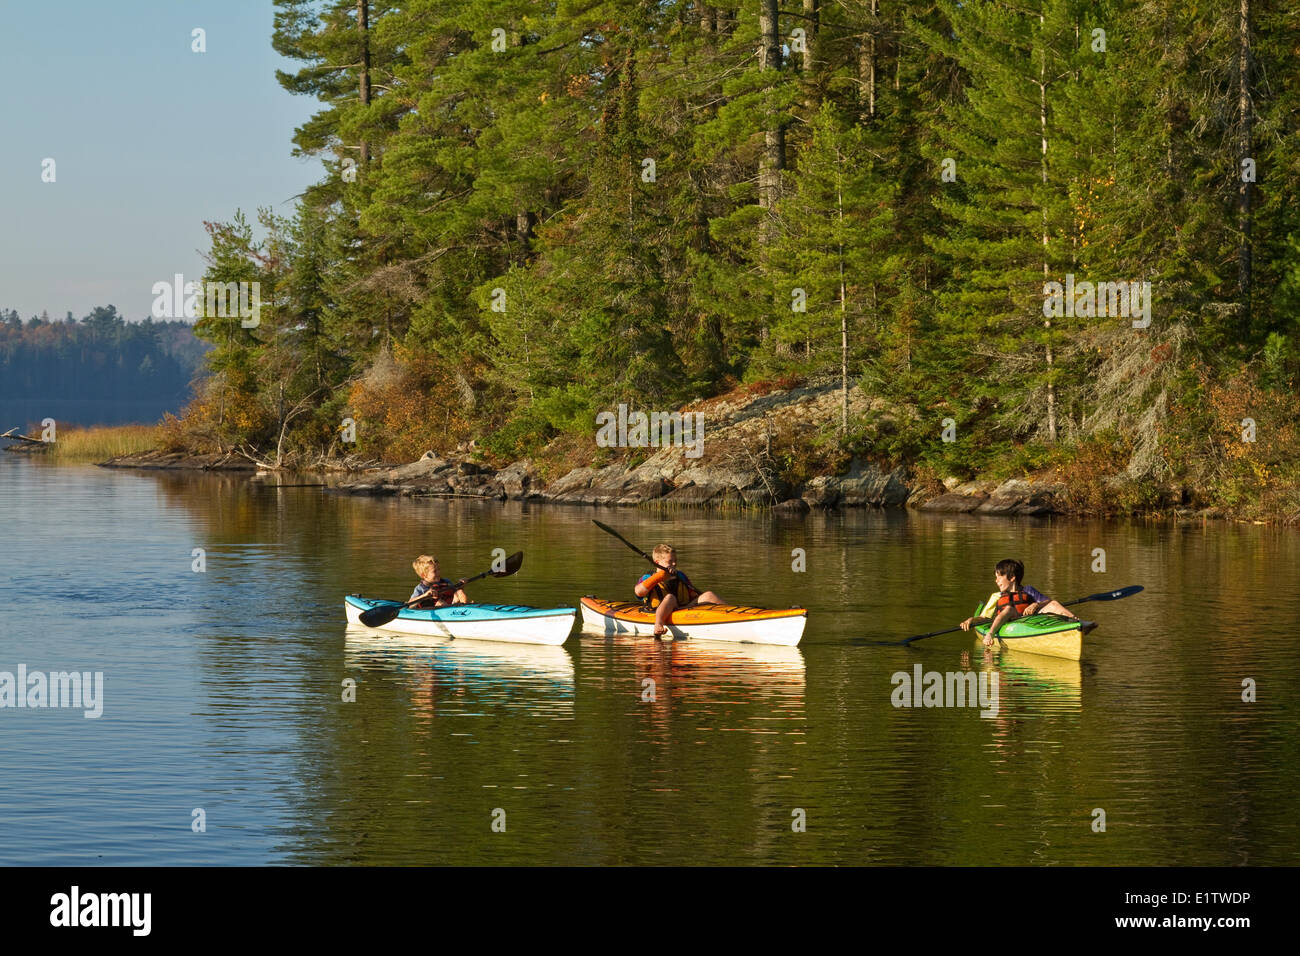 Trois jeunes garçons de paddle-kayaks sur le lac Source, parc Algonquin, Ontario, Canada. Photo Stock